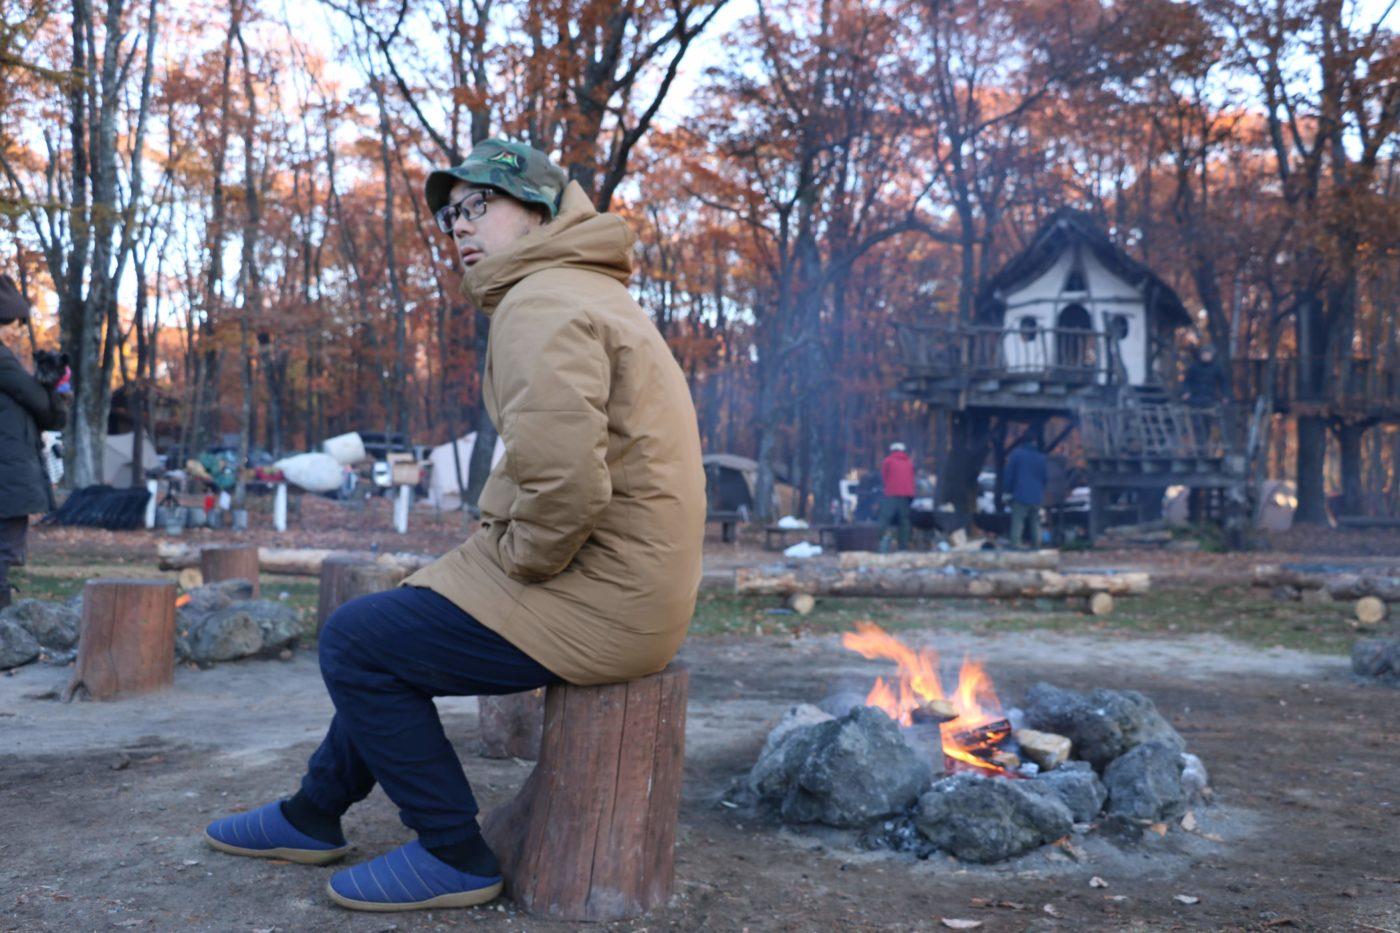 【秋冬キャンプの服装】ユニクロの2019年新作ダウン「ハイブリッドダウンパーカ」が優秀すぎてぜひ着てみて欲しい